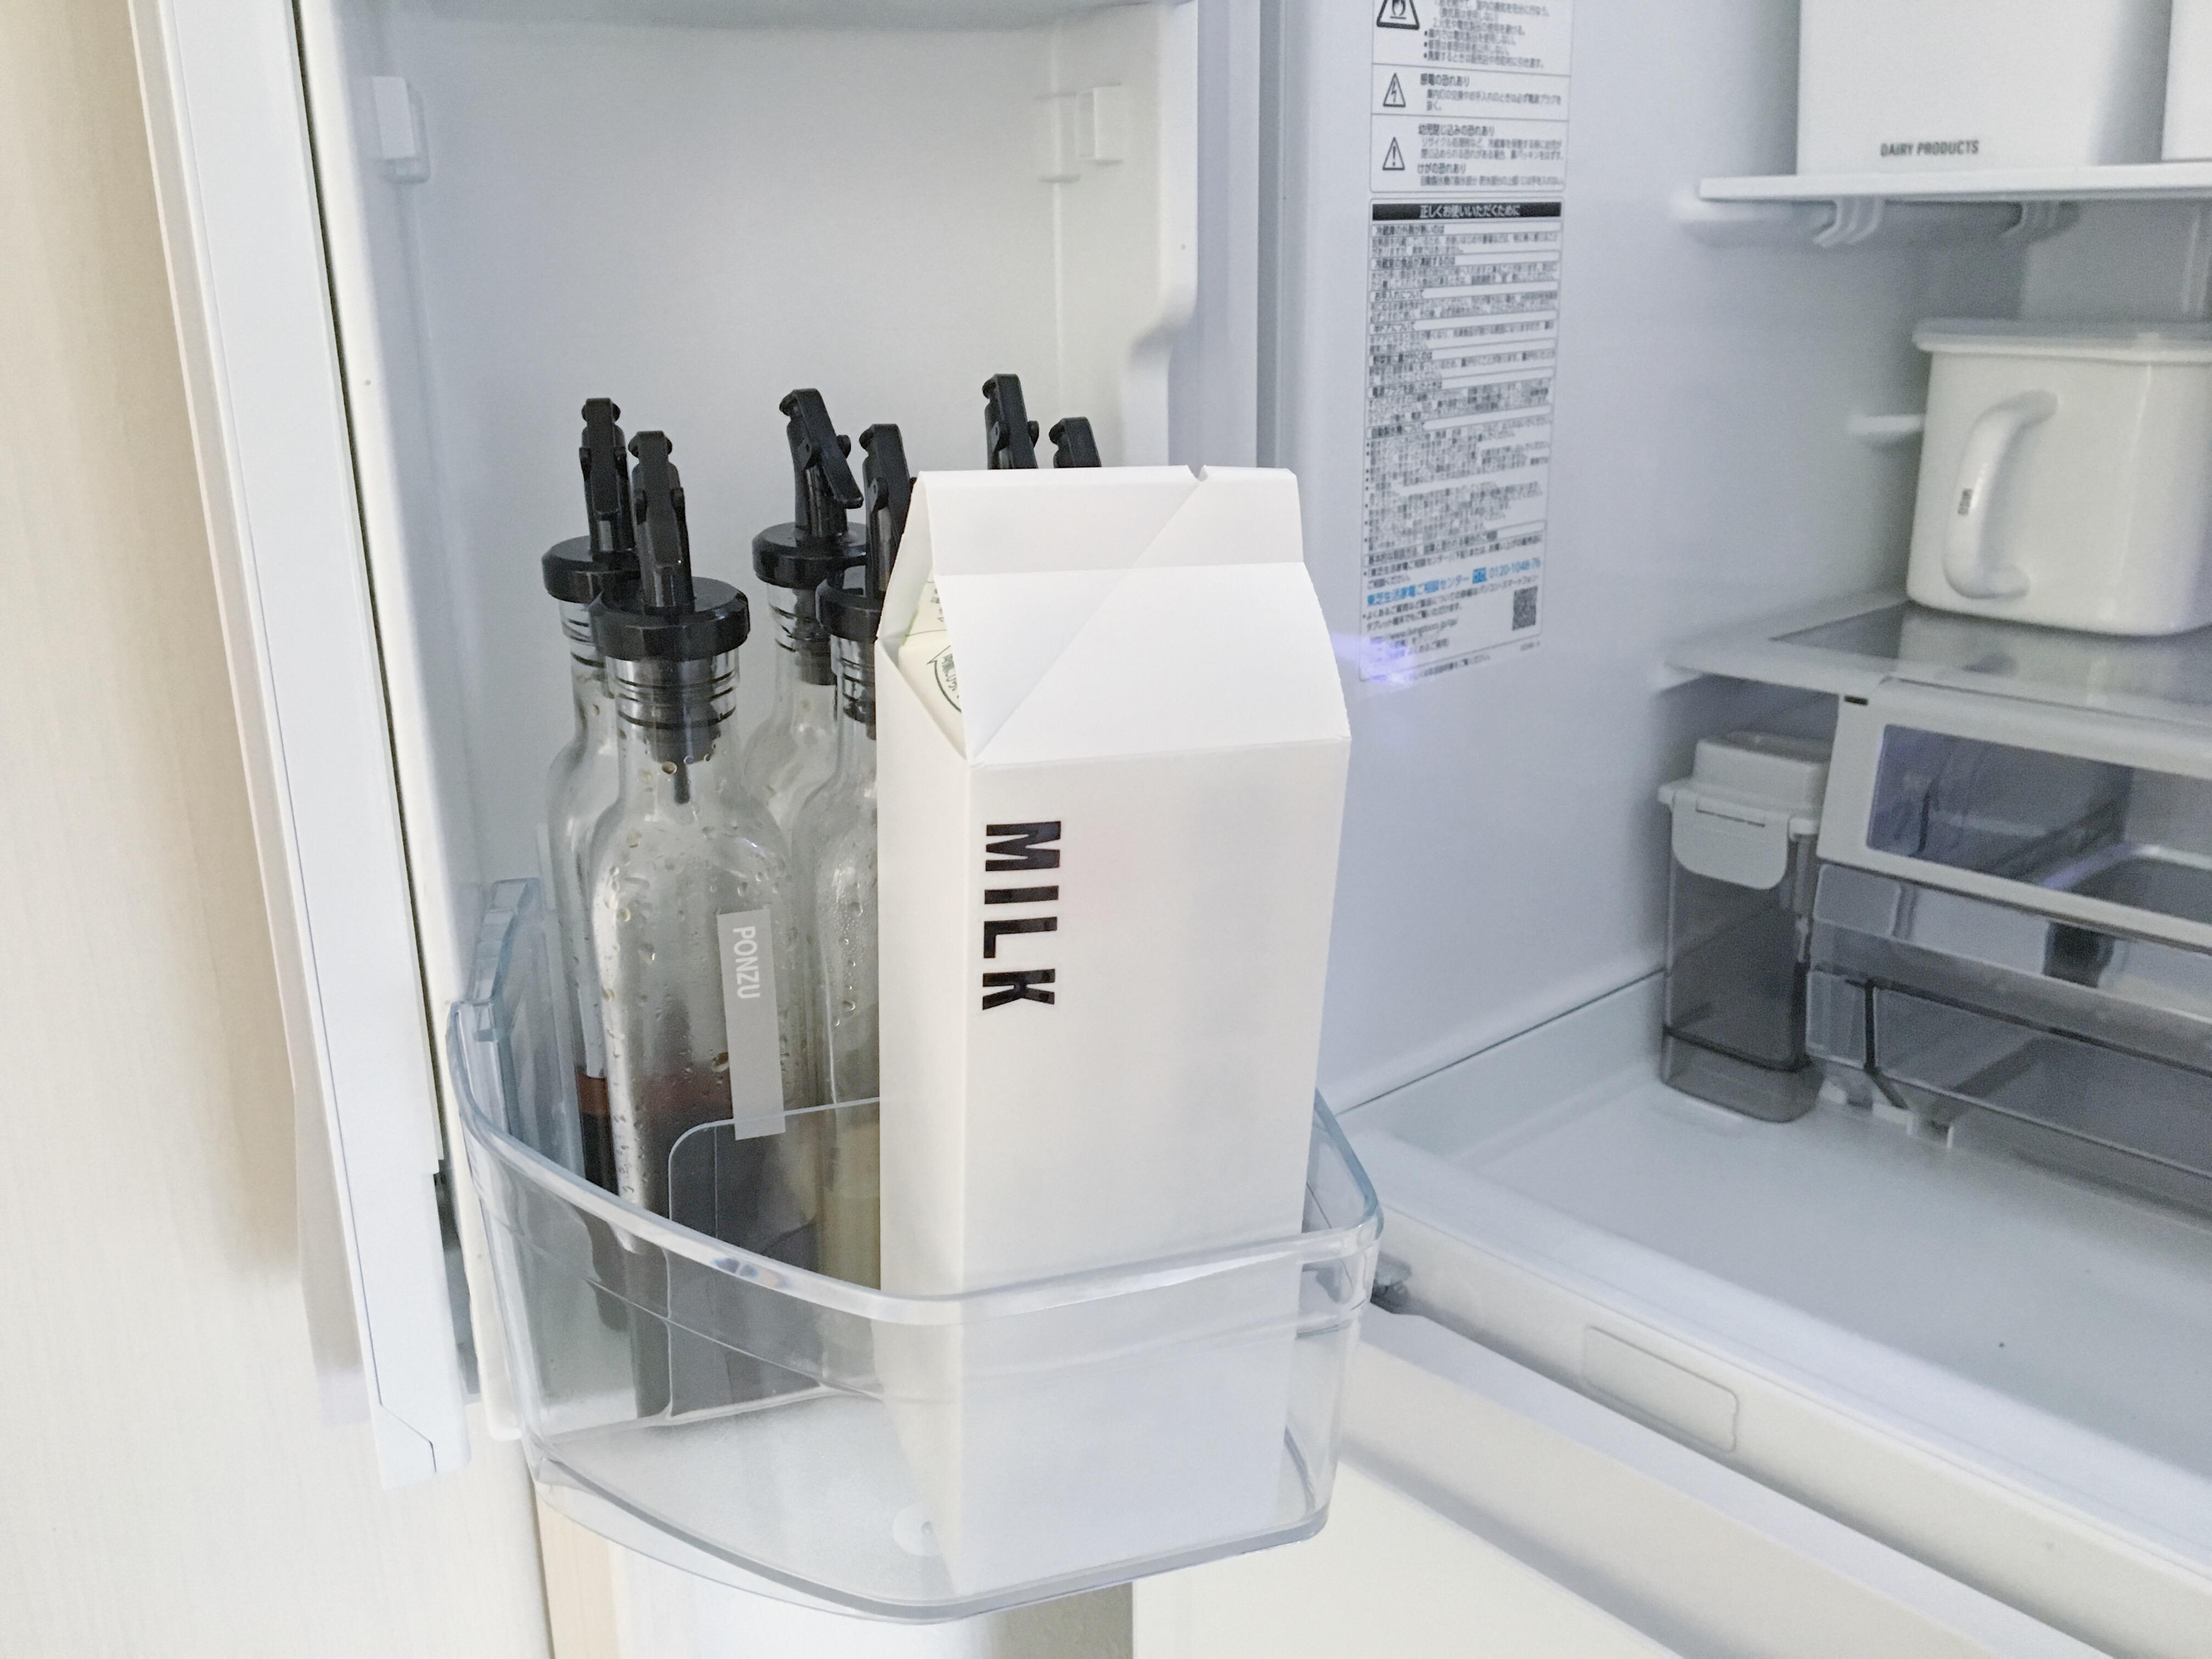 ★セリア★入手困難「牛乳パックカバー」で目指せ生活感ゼロの冷蔵庫!